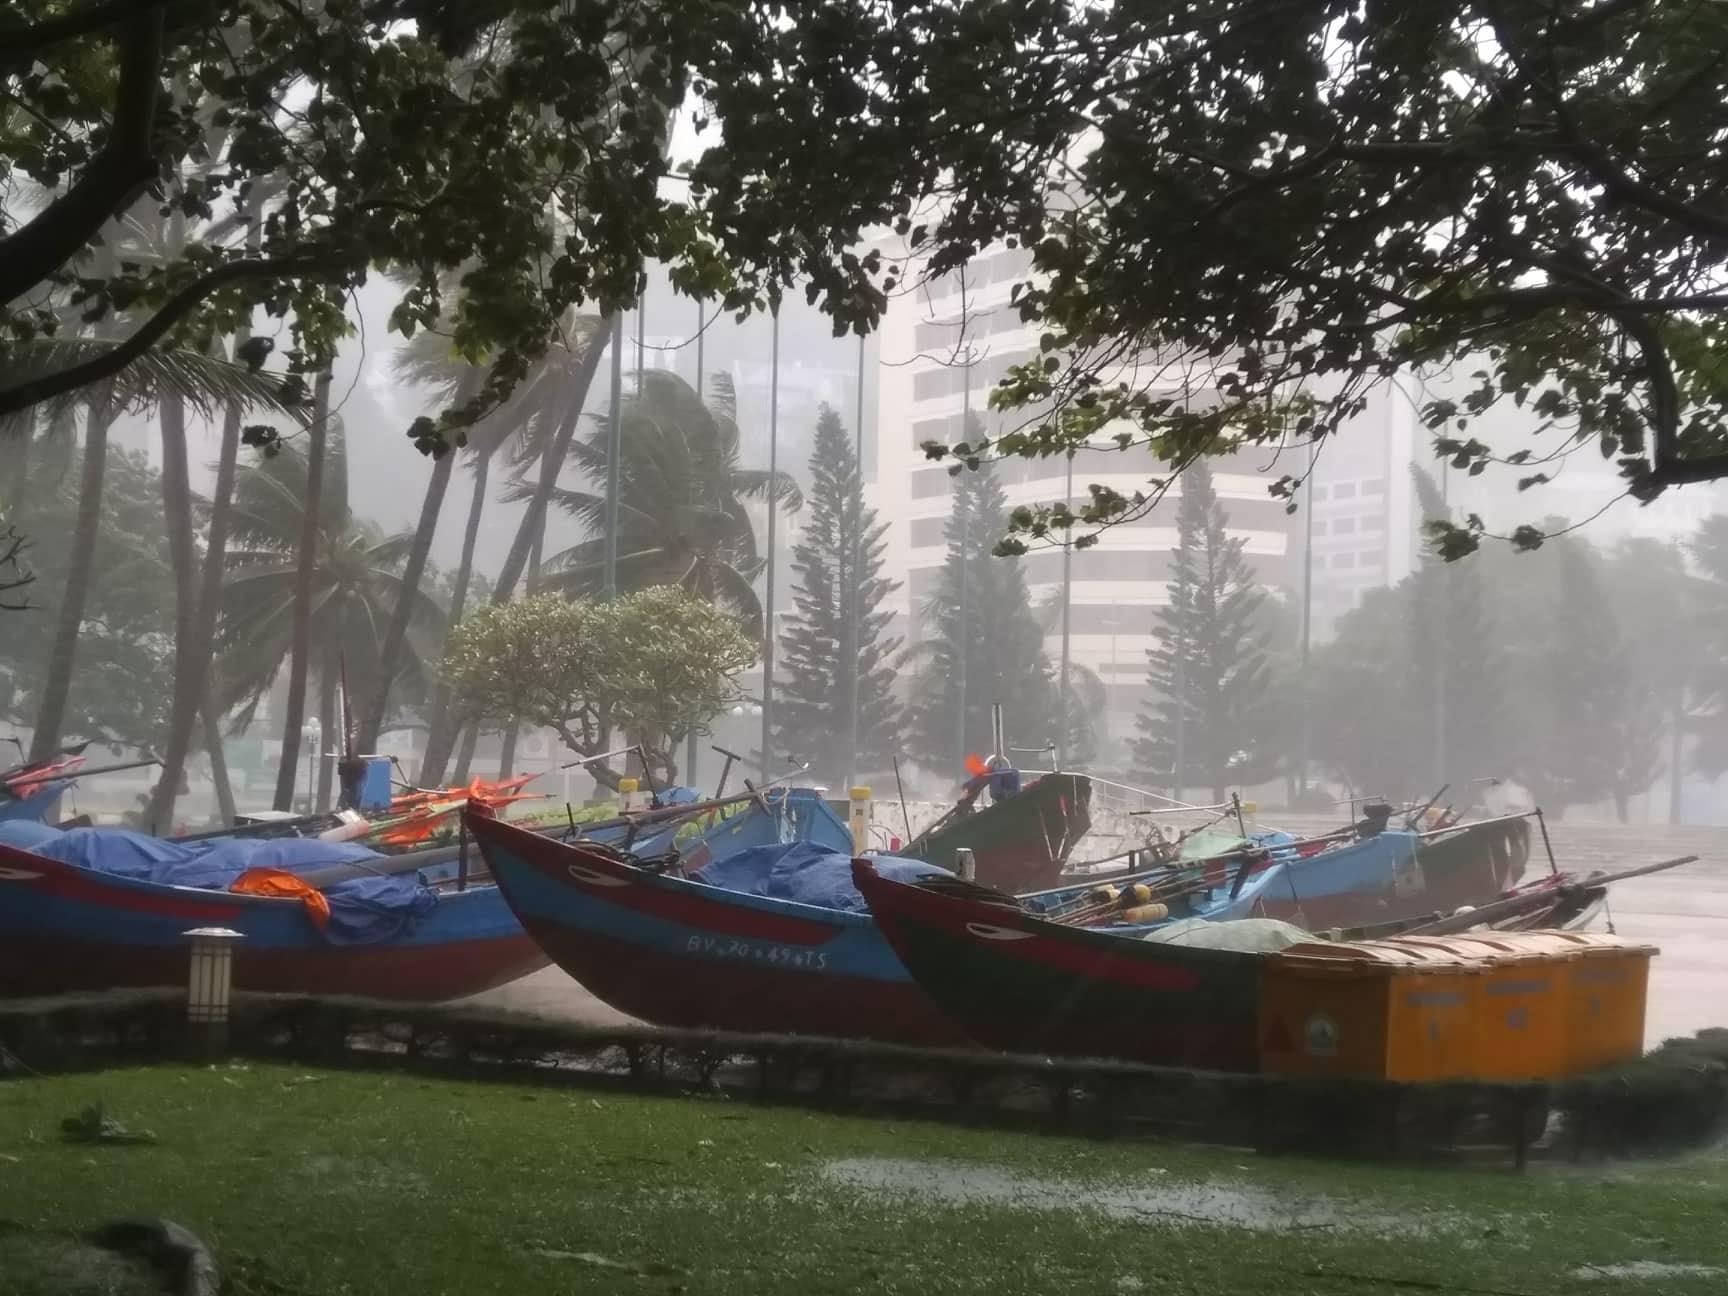 Bão Usagi đổ bộ, người Vũng Tàu tìm nơi trú tránh, dân Sài Gòn thảnh thơi - Ảnh 8